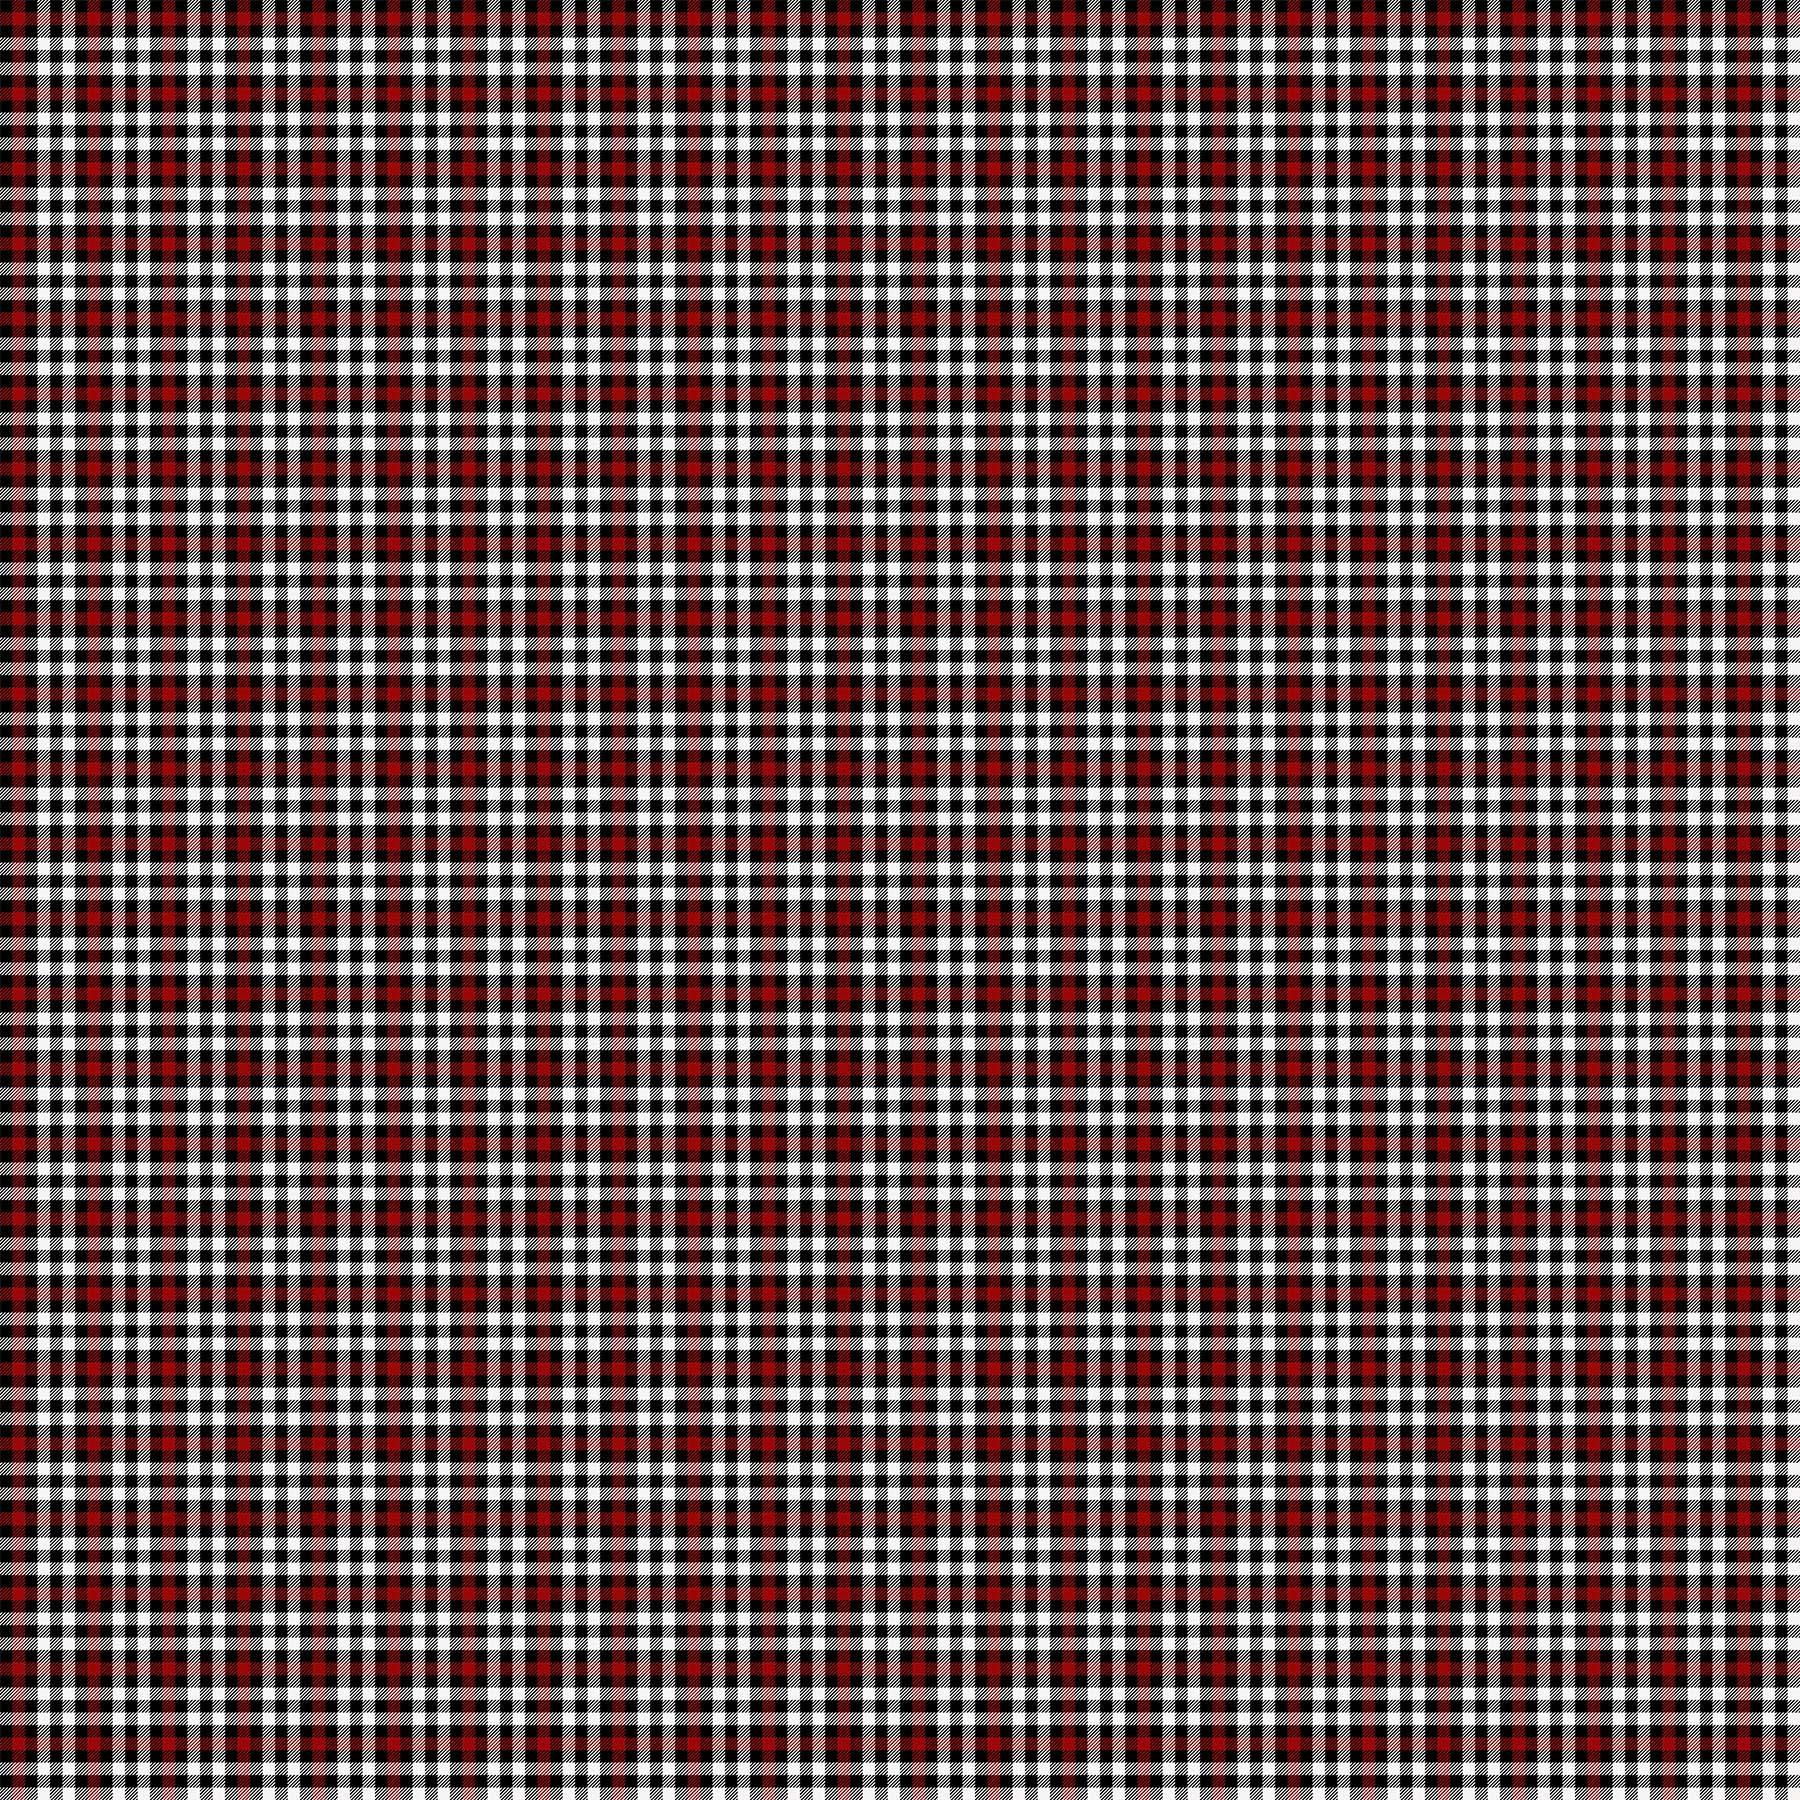 Alpine Winter 24339-10 Red Black White